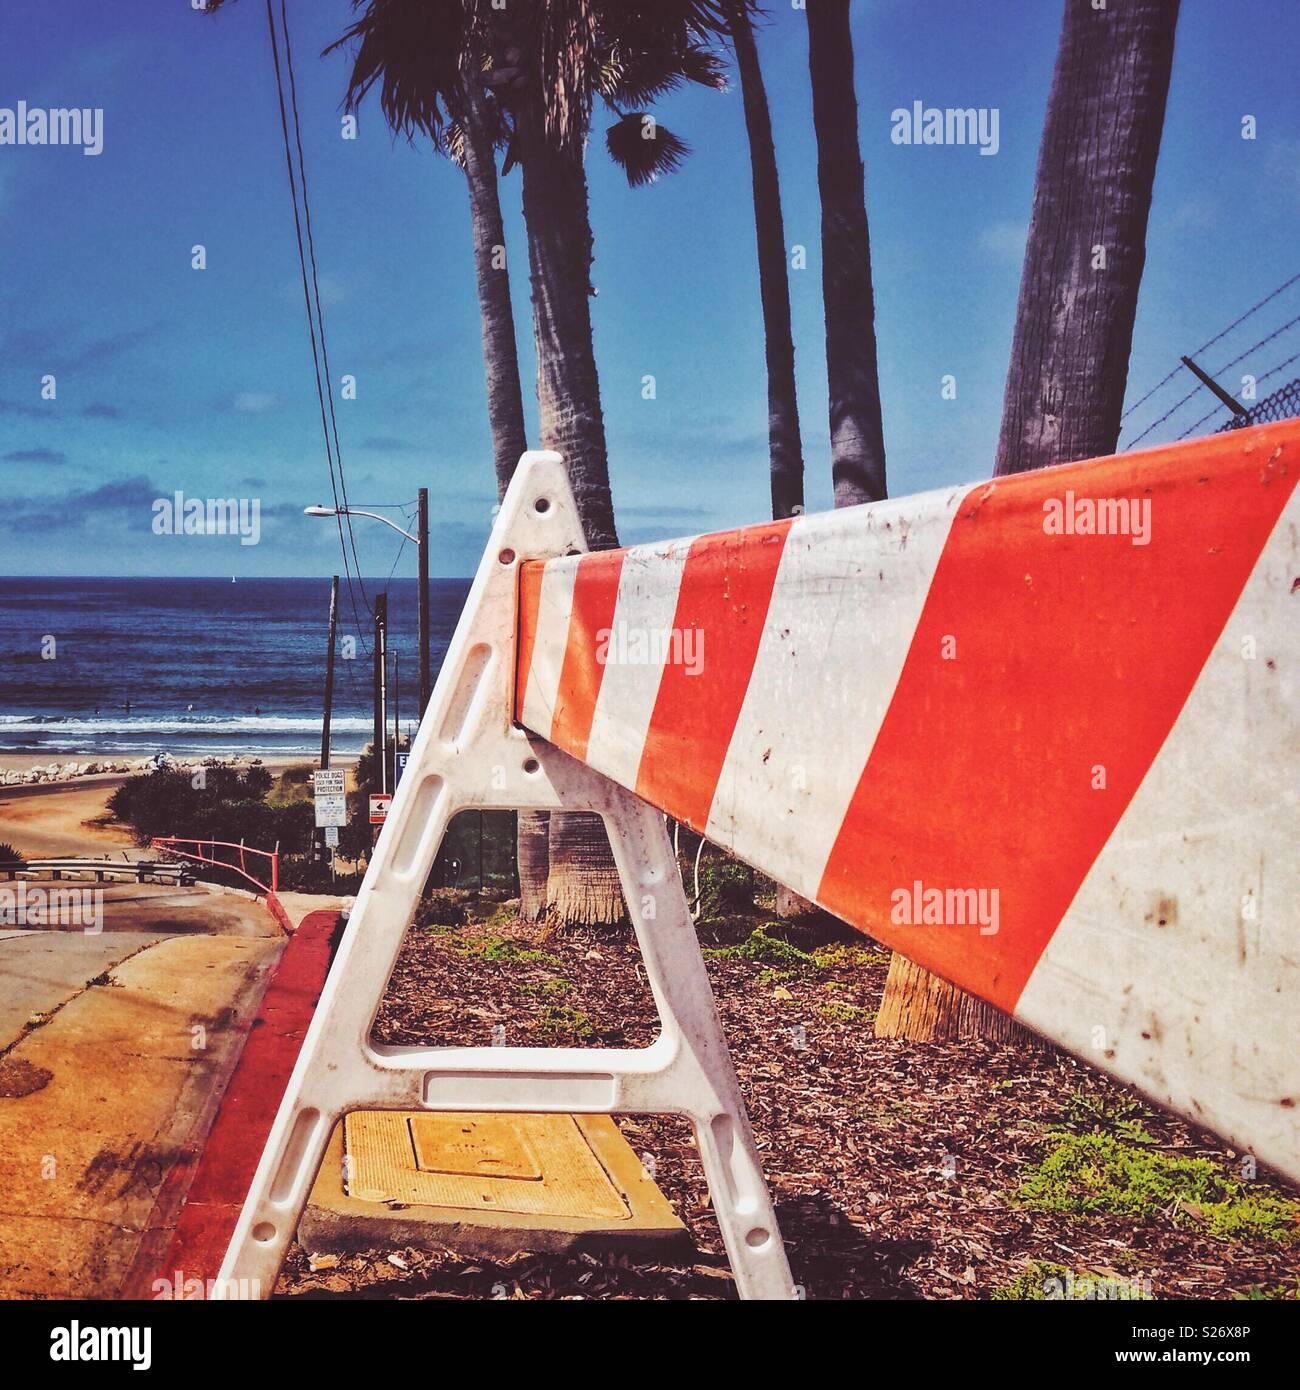 A traffic barricade near the beach in El Porto, California - Stock Image